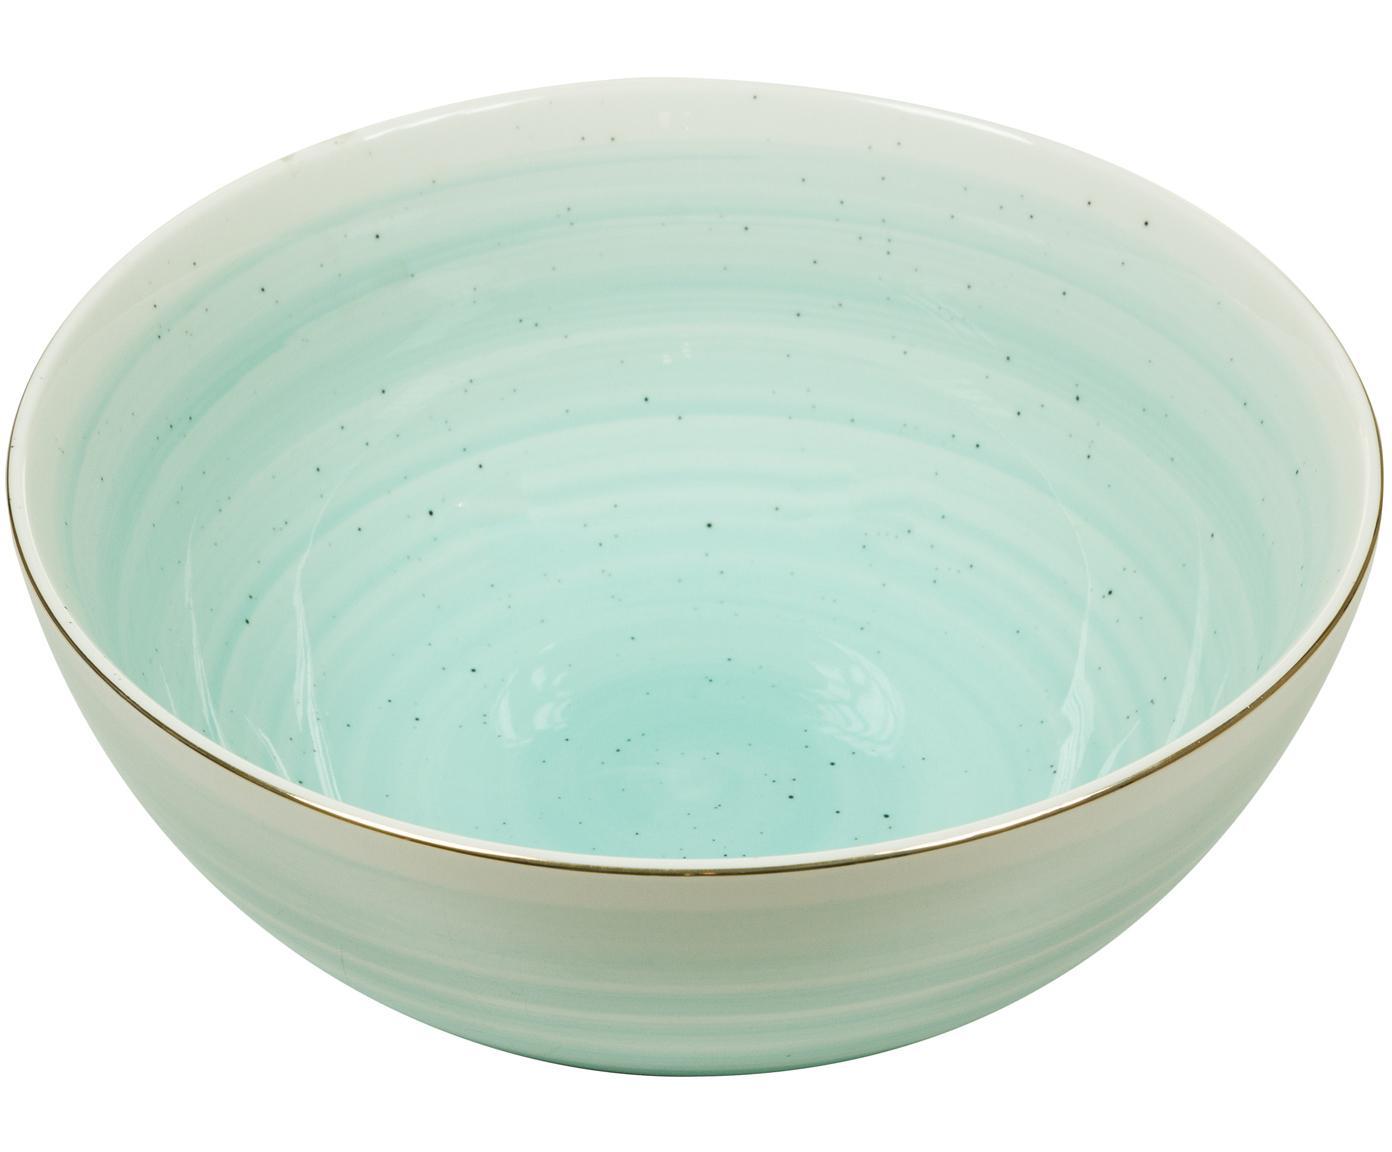 Ciotola fatta a mano con bordo dorato Bol, Porcellana, Blu turchese, Ø 22 x Alt. 10 cm